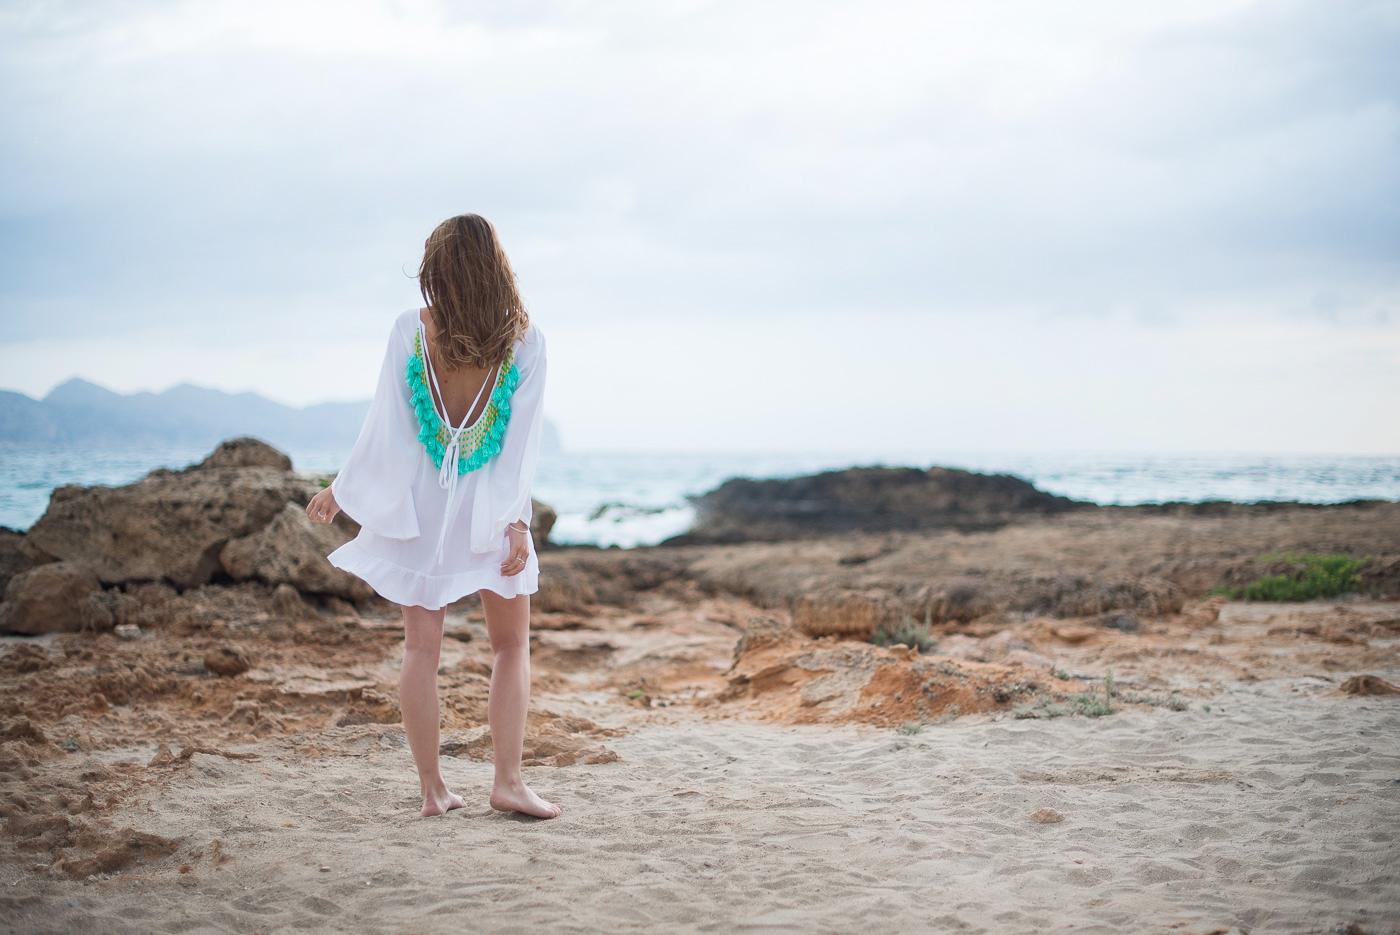 Sunrise_at_the_Beach_Mallorca_Sundress_7